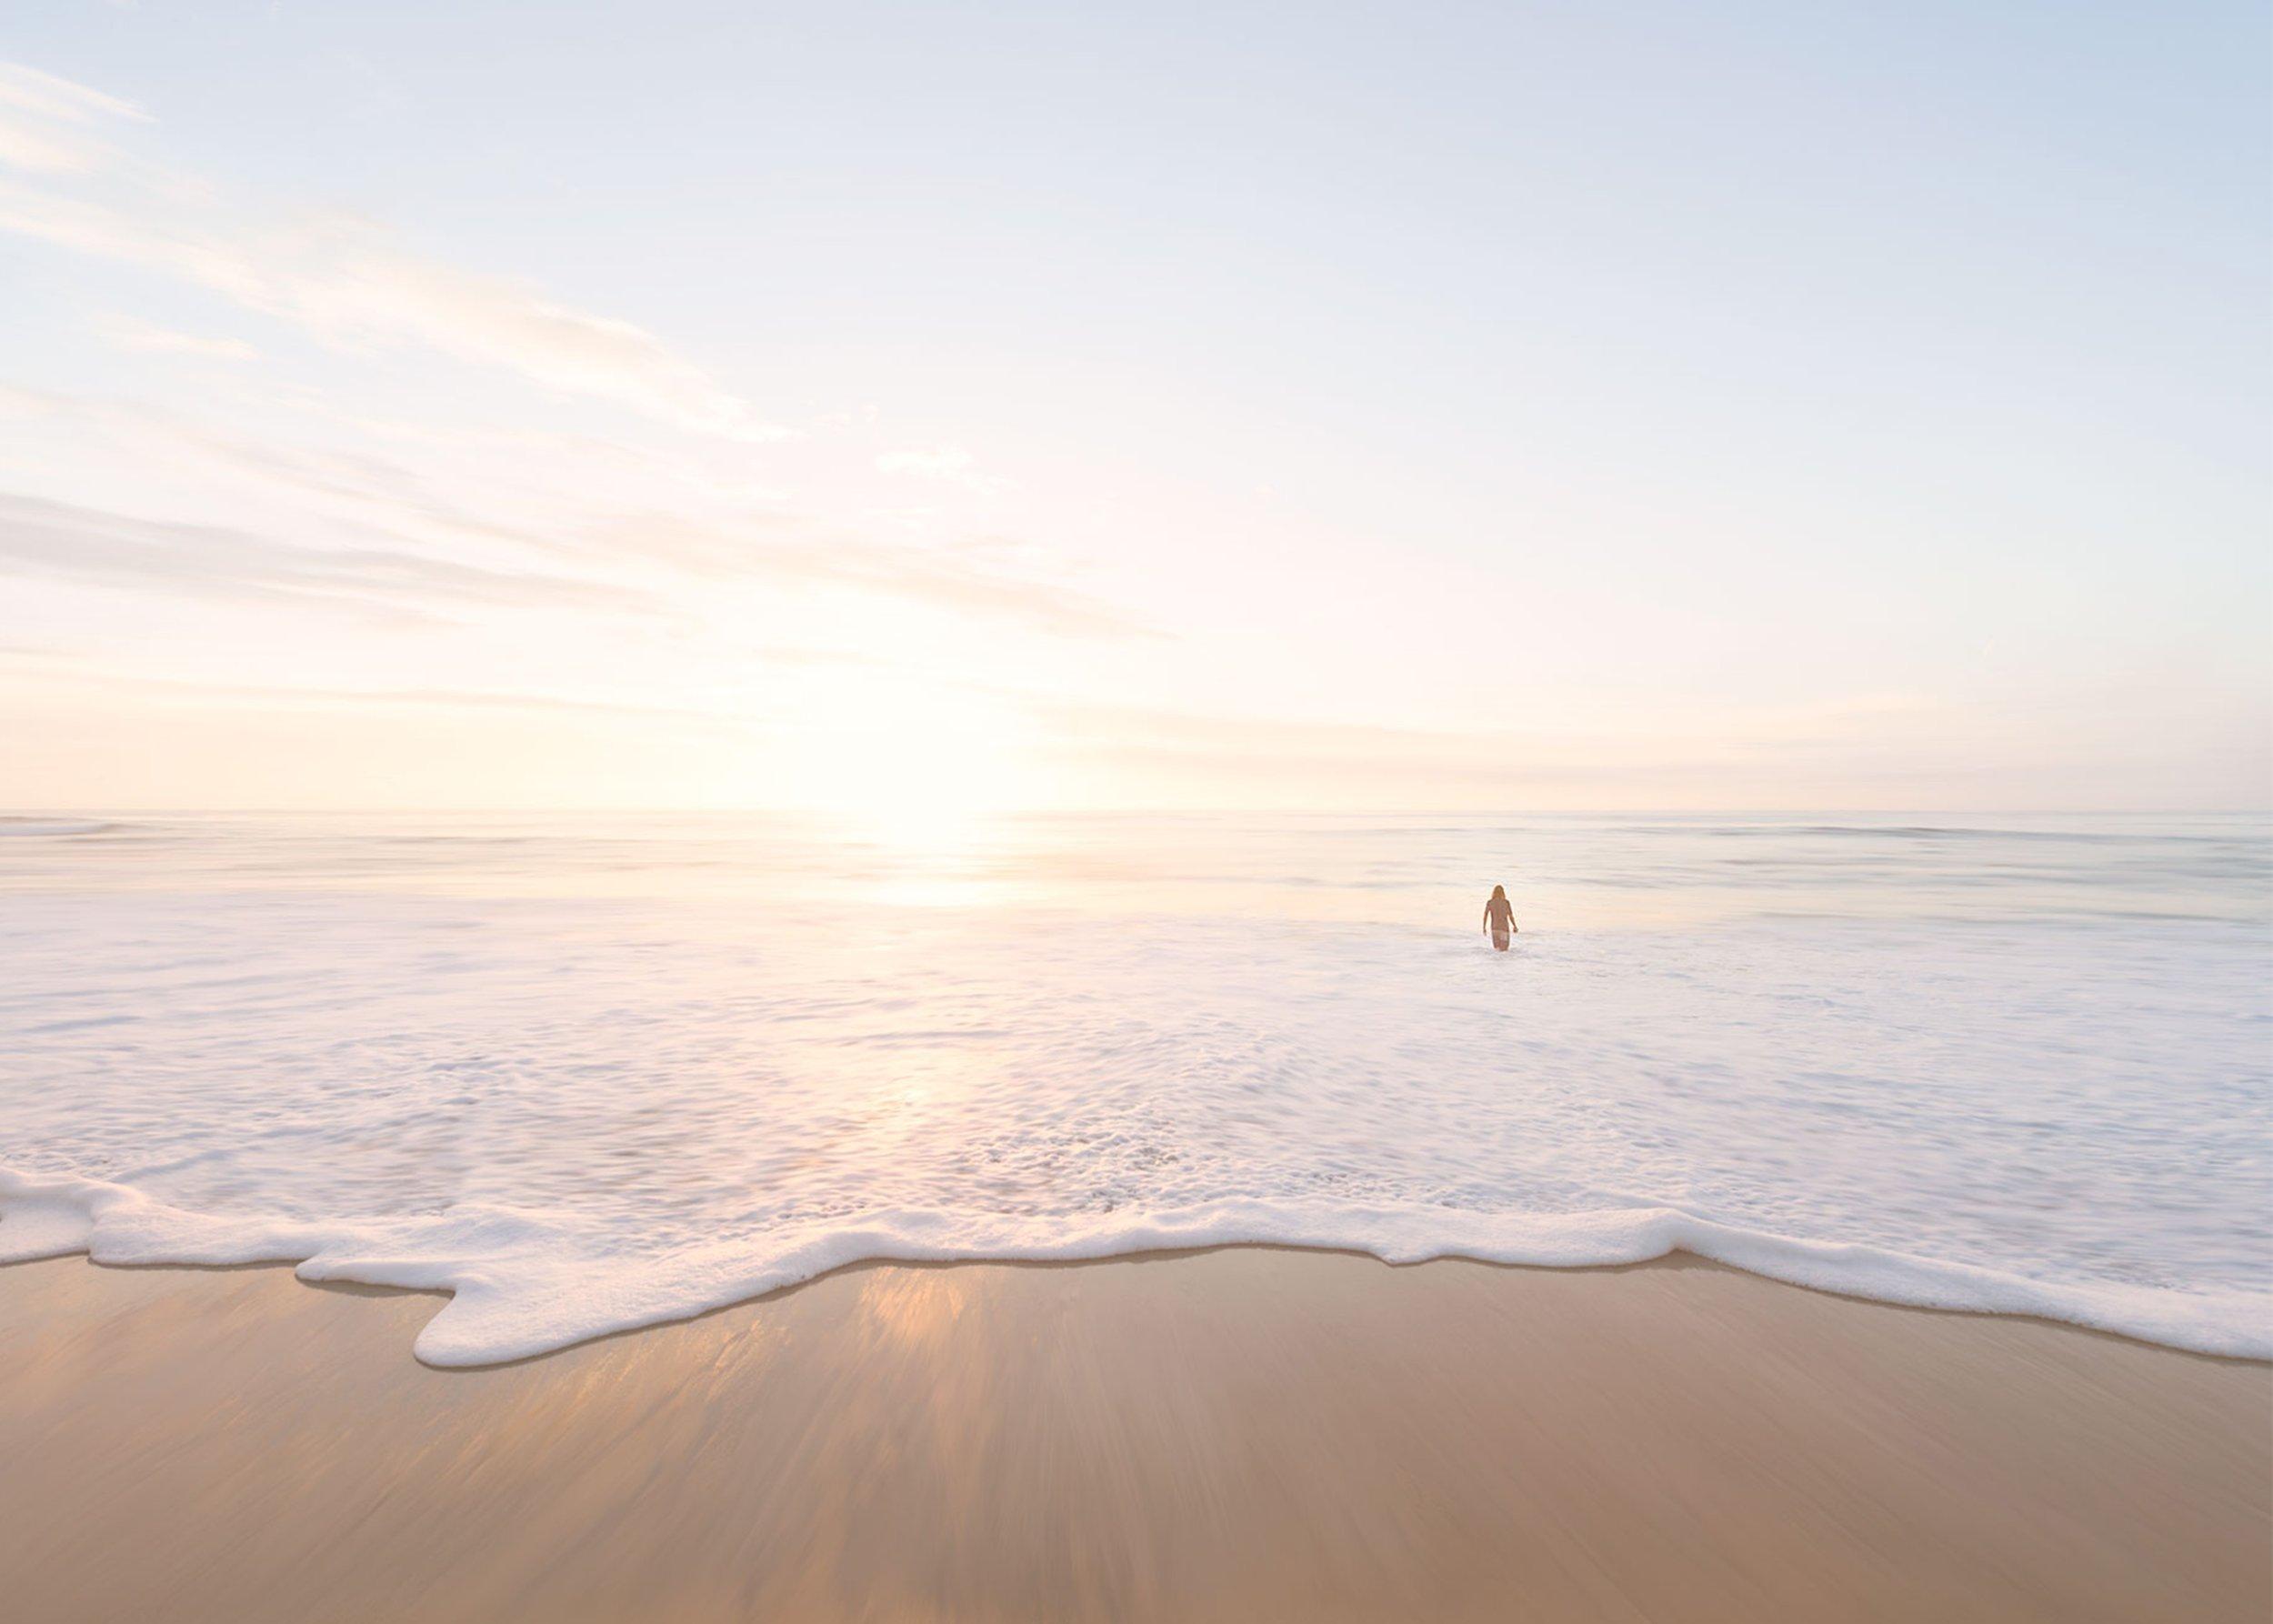 person walking in ocean.jpg